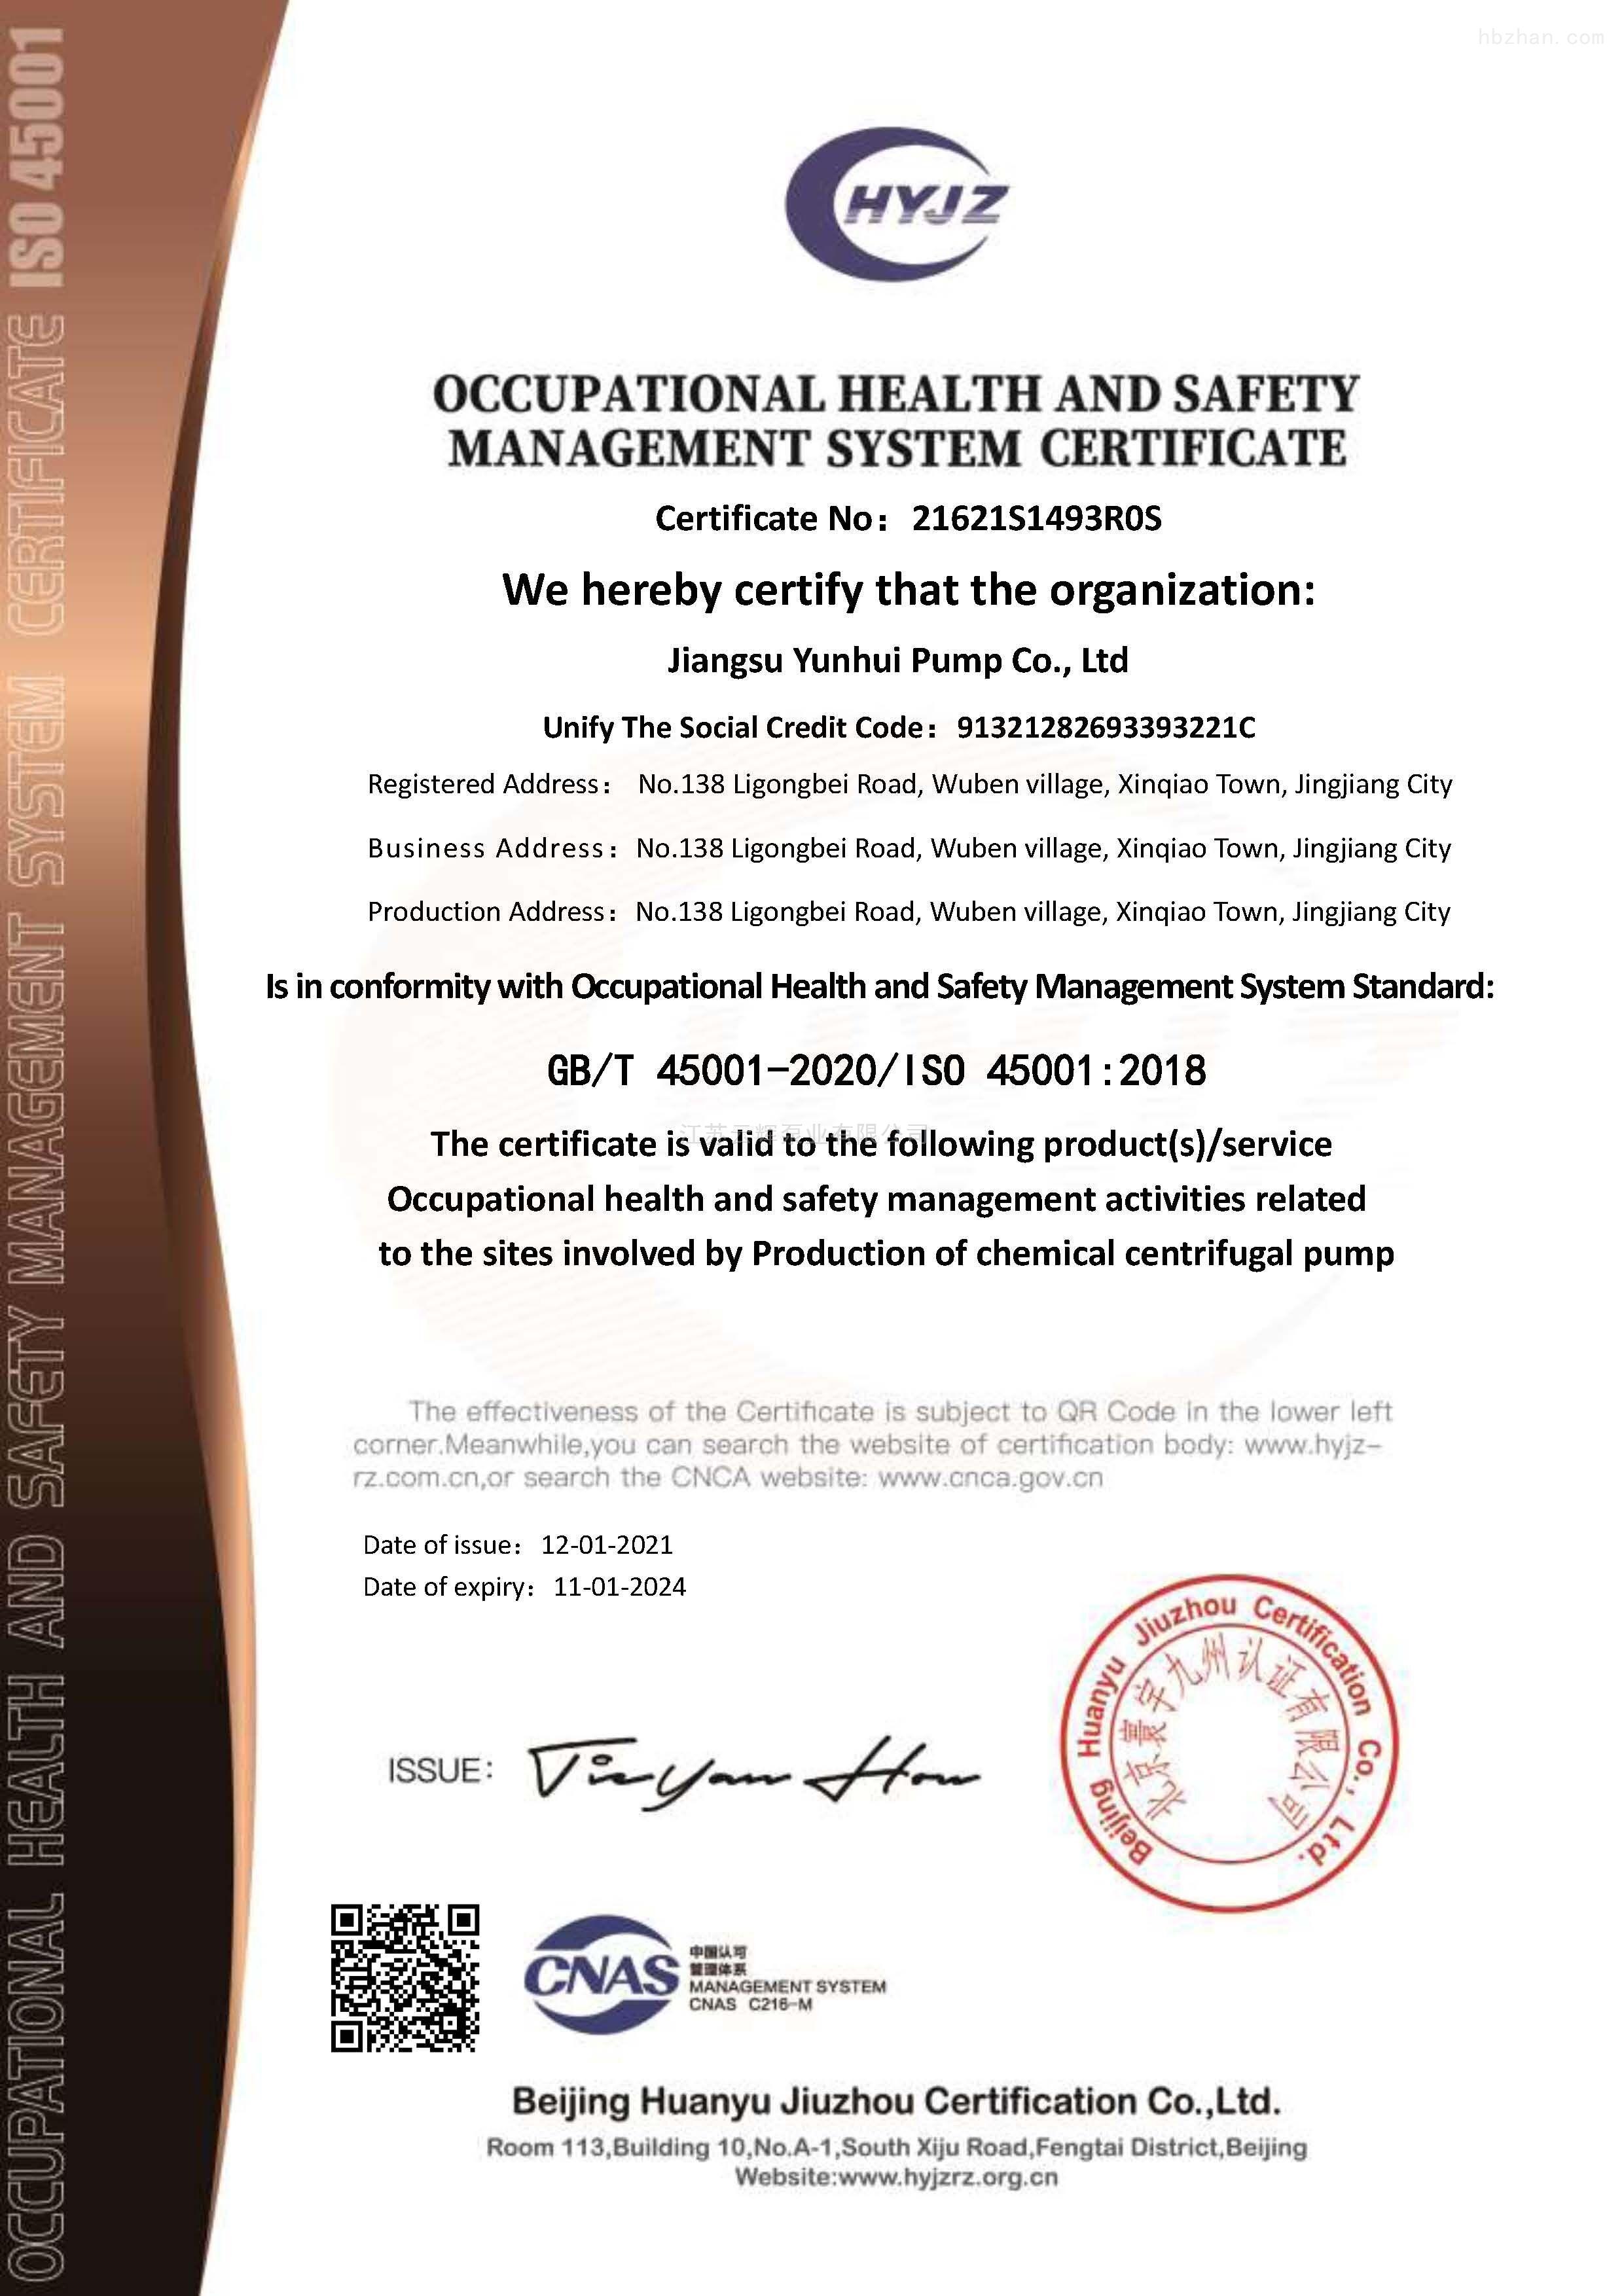 职业健康安全管理体系认证证书英文带标OHSMS